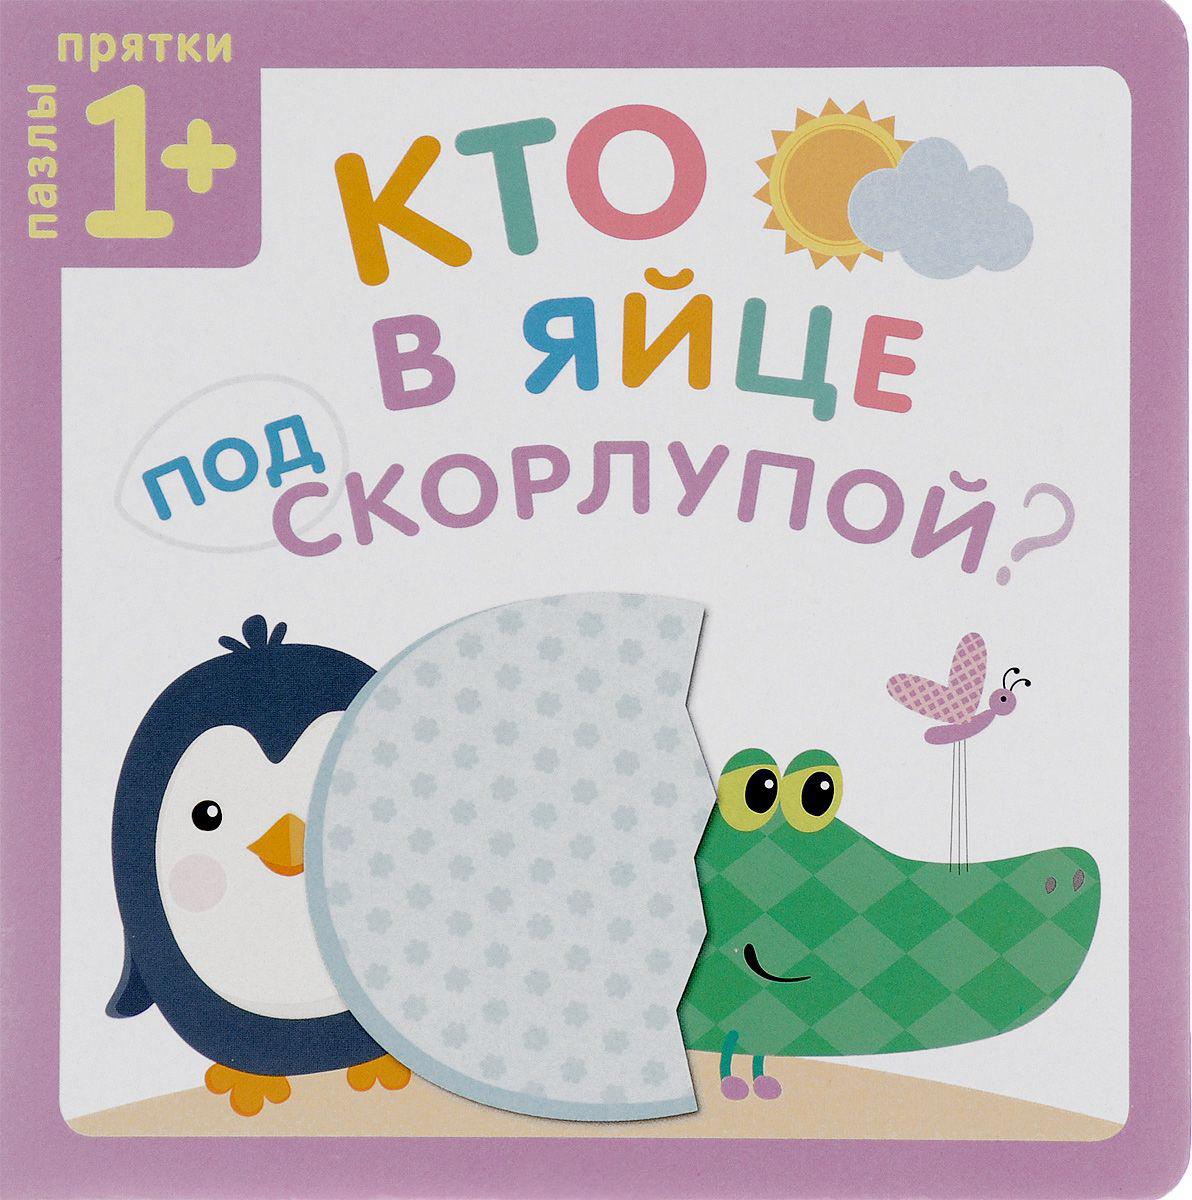 Пазлы-прятки - Кто в яйце под скорлупойДля самых маленьких. Книжки-панорамки<br>Пазлы-прятки - Кто в яйце под скорлупой<br>